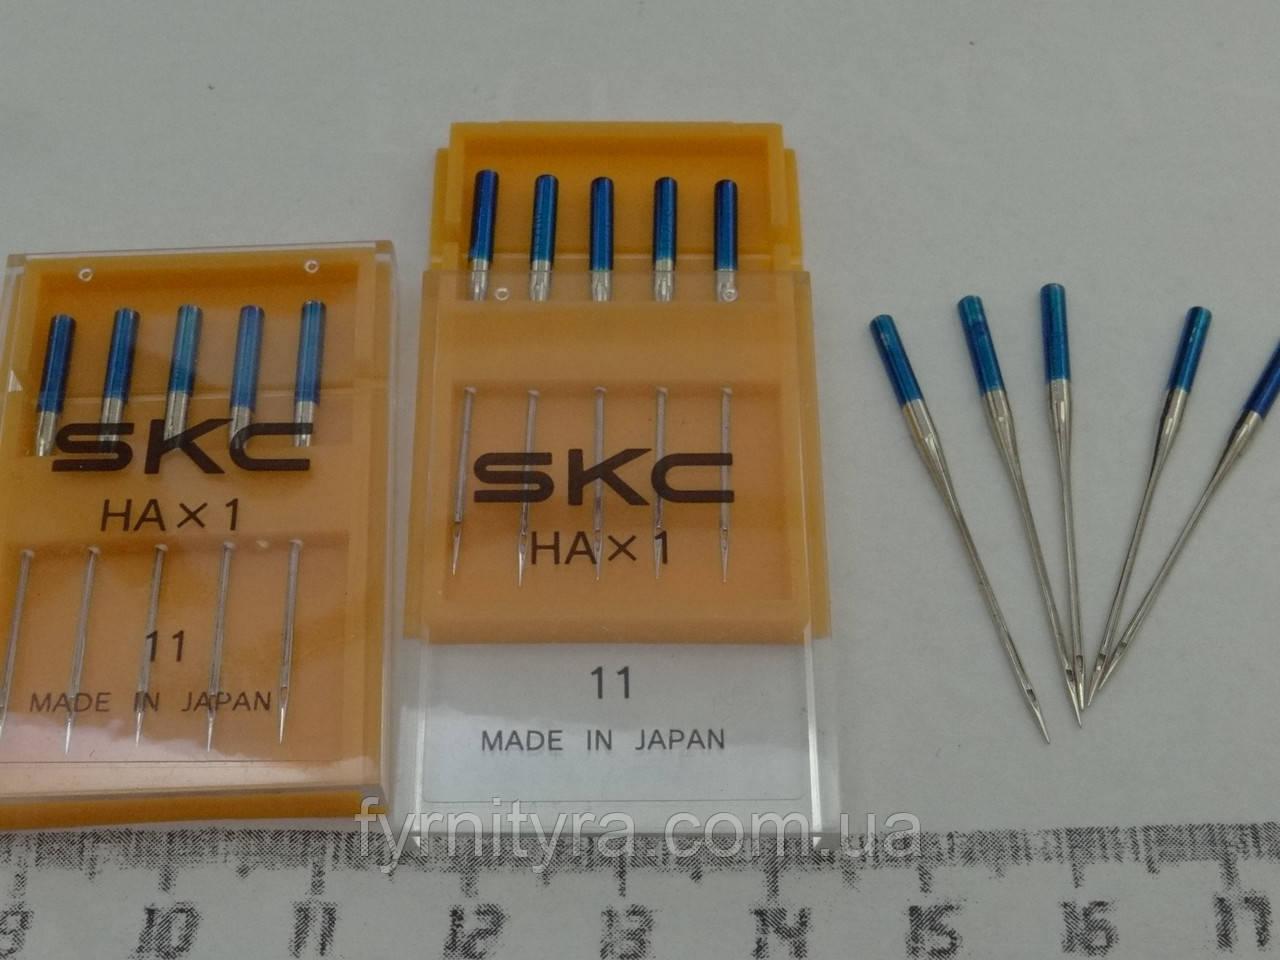 """Трикотаж """"SKC"""" Япония набор игл для бытовых швейных машин"""